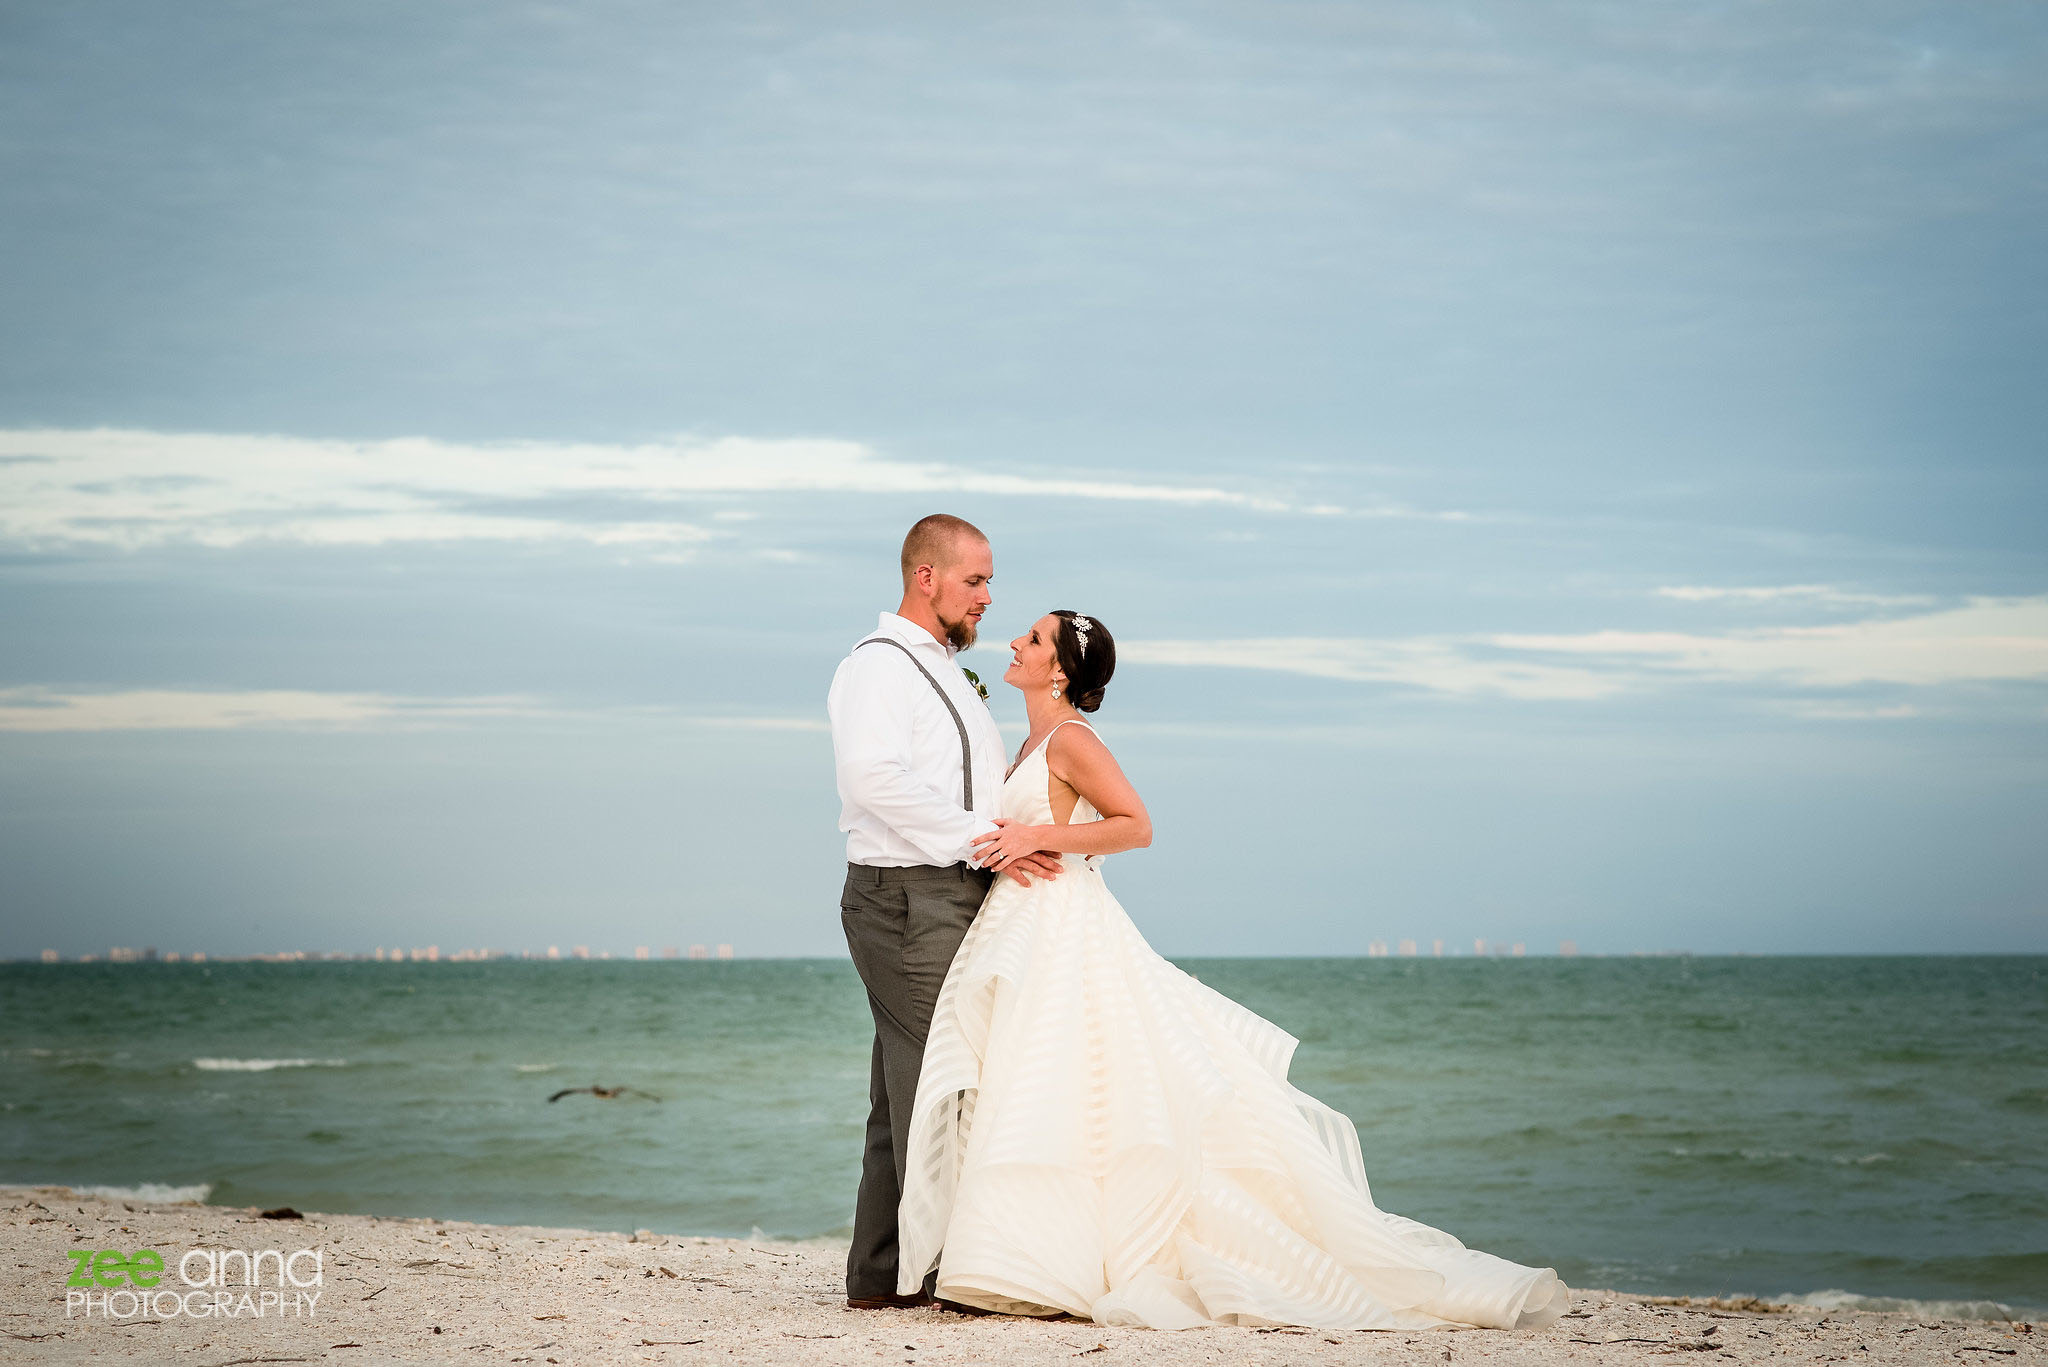 zee anna photography wedding sundial sanibel island